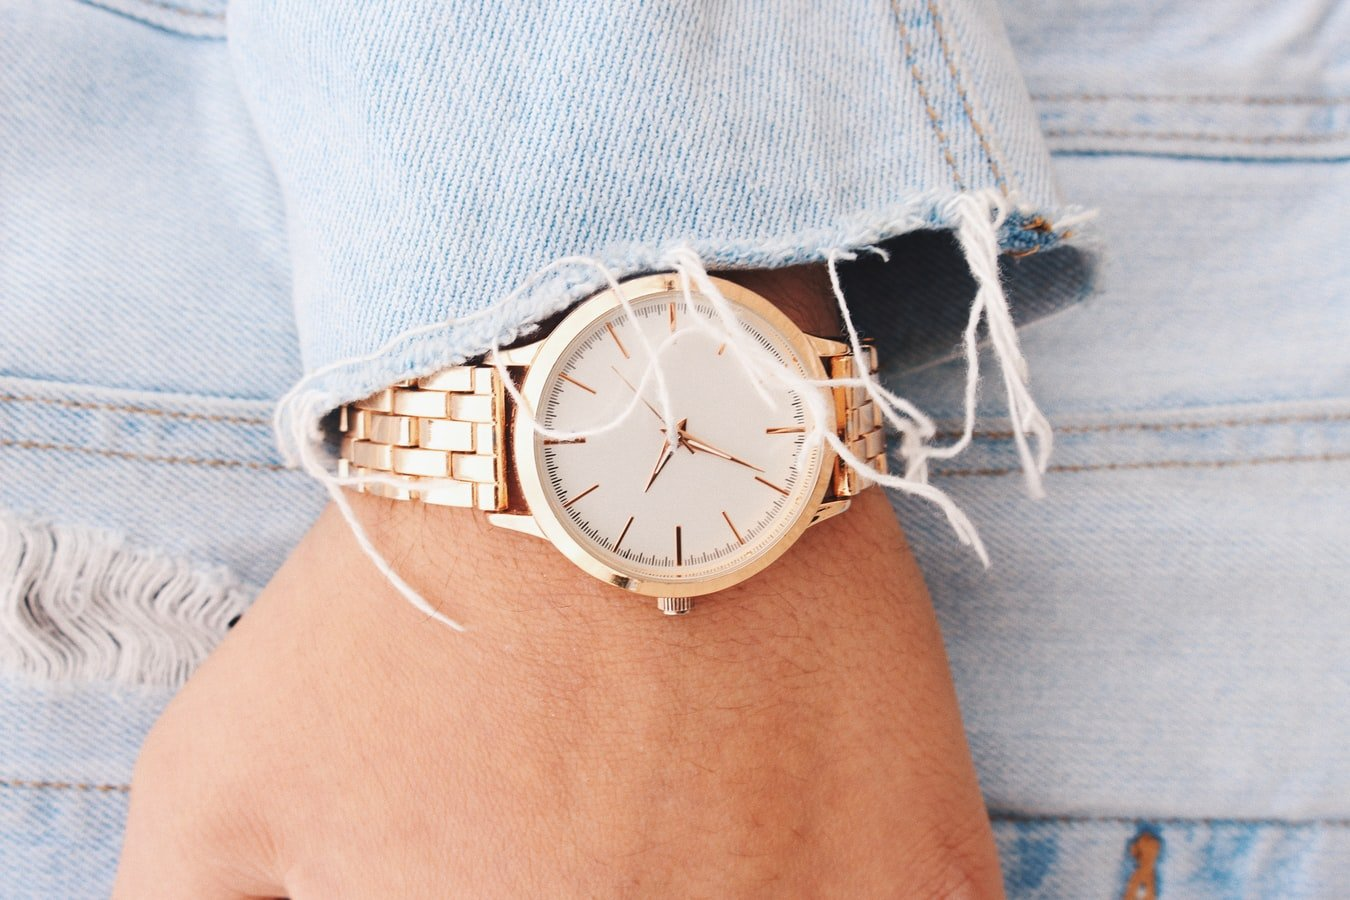 Zasada działa Neobrite w zegarkach